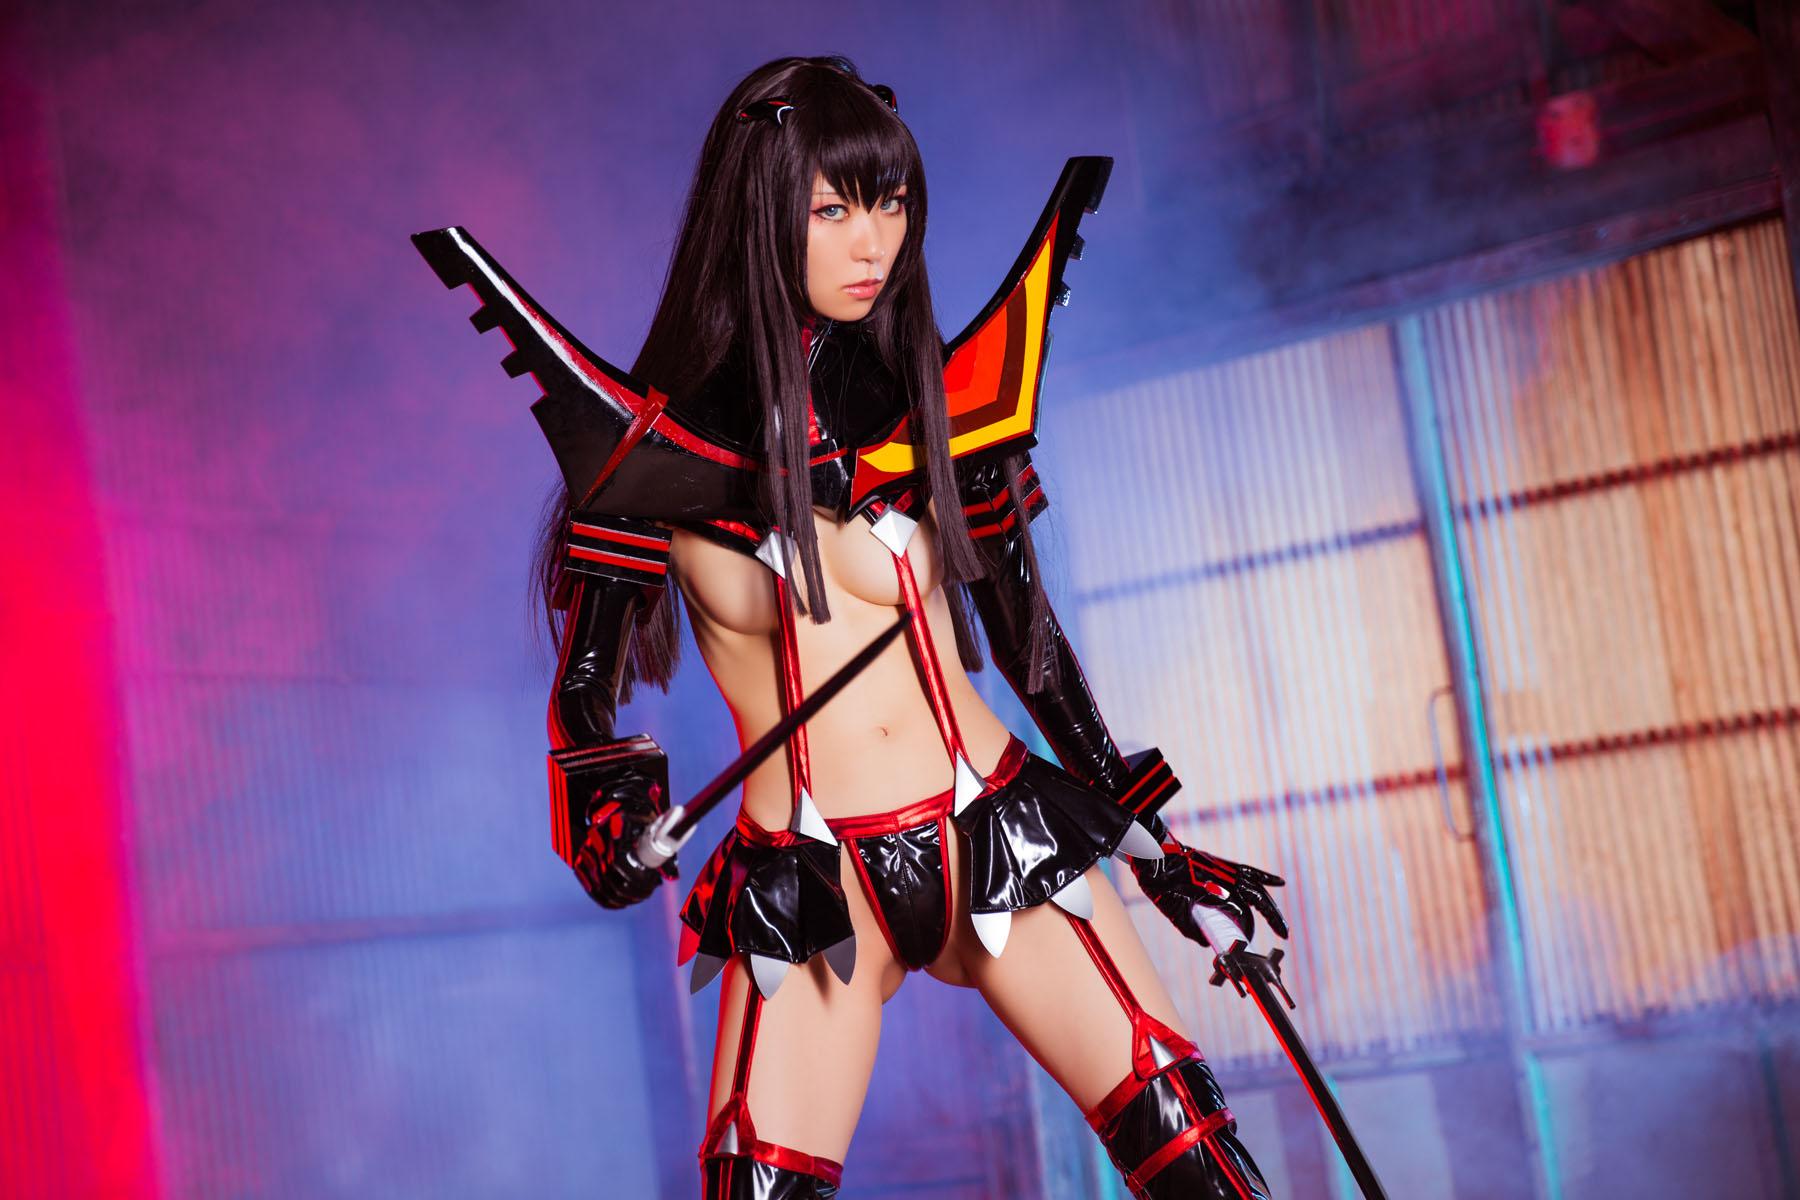 Kill la Kill Satsuki Kiryuuin anime cosplay by Mikehouse 0032